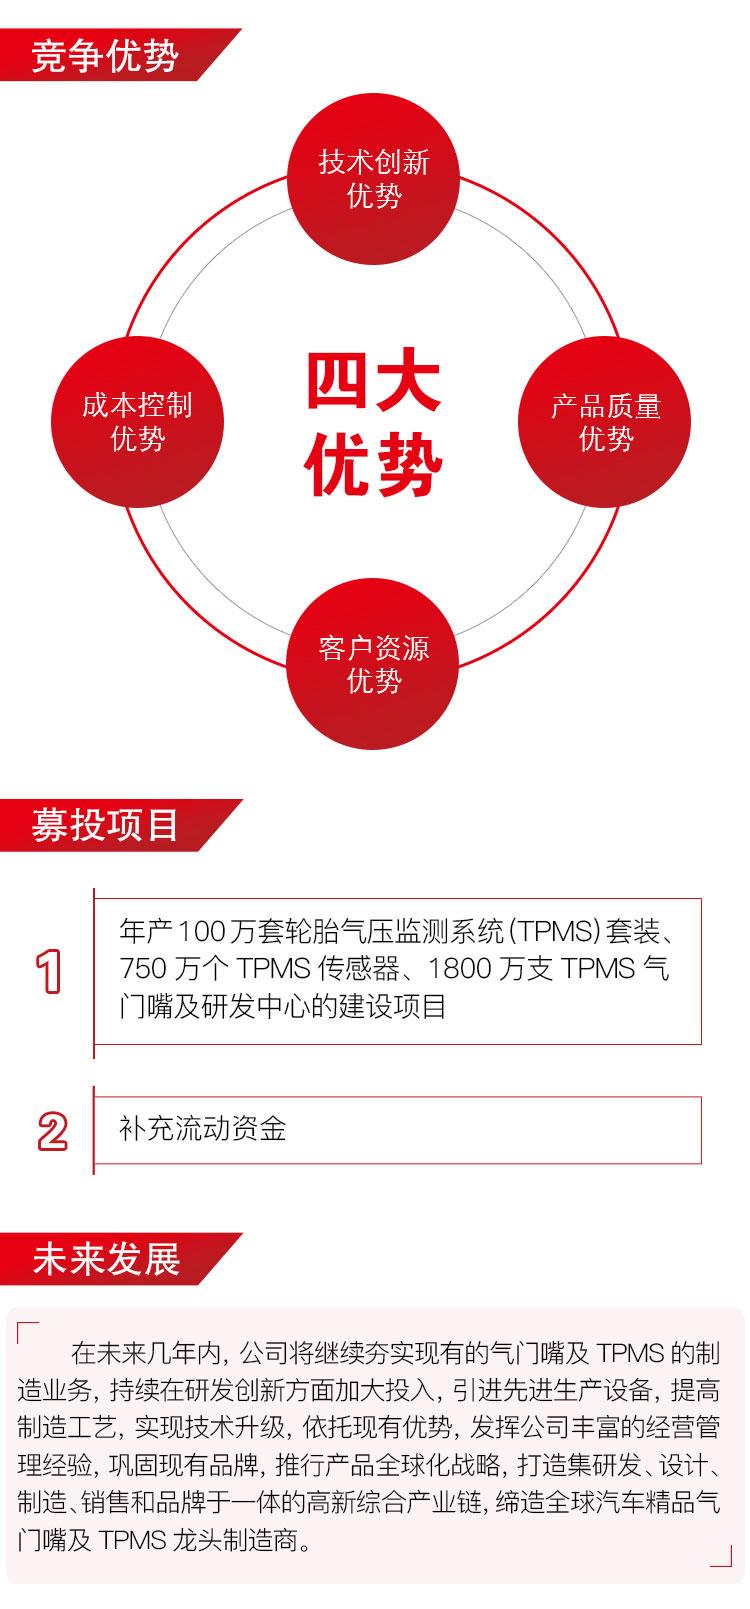 万通智控-上市海报_04.jpg